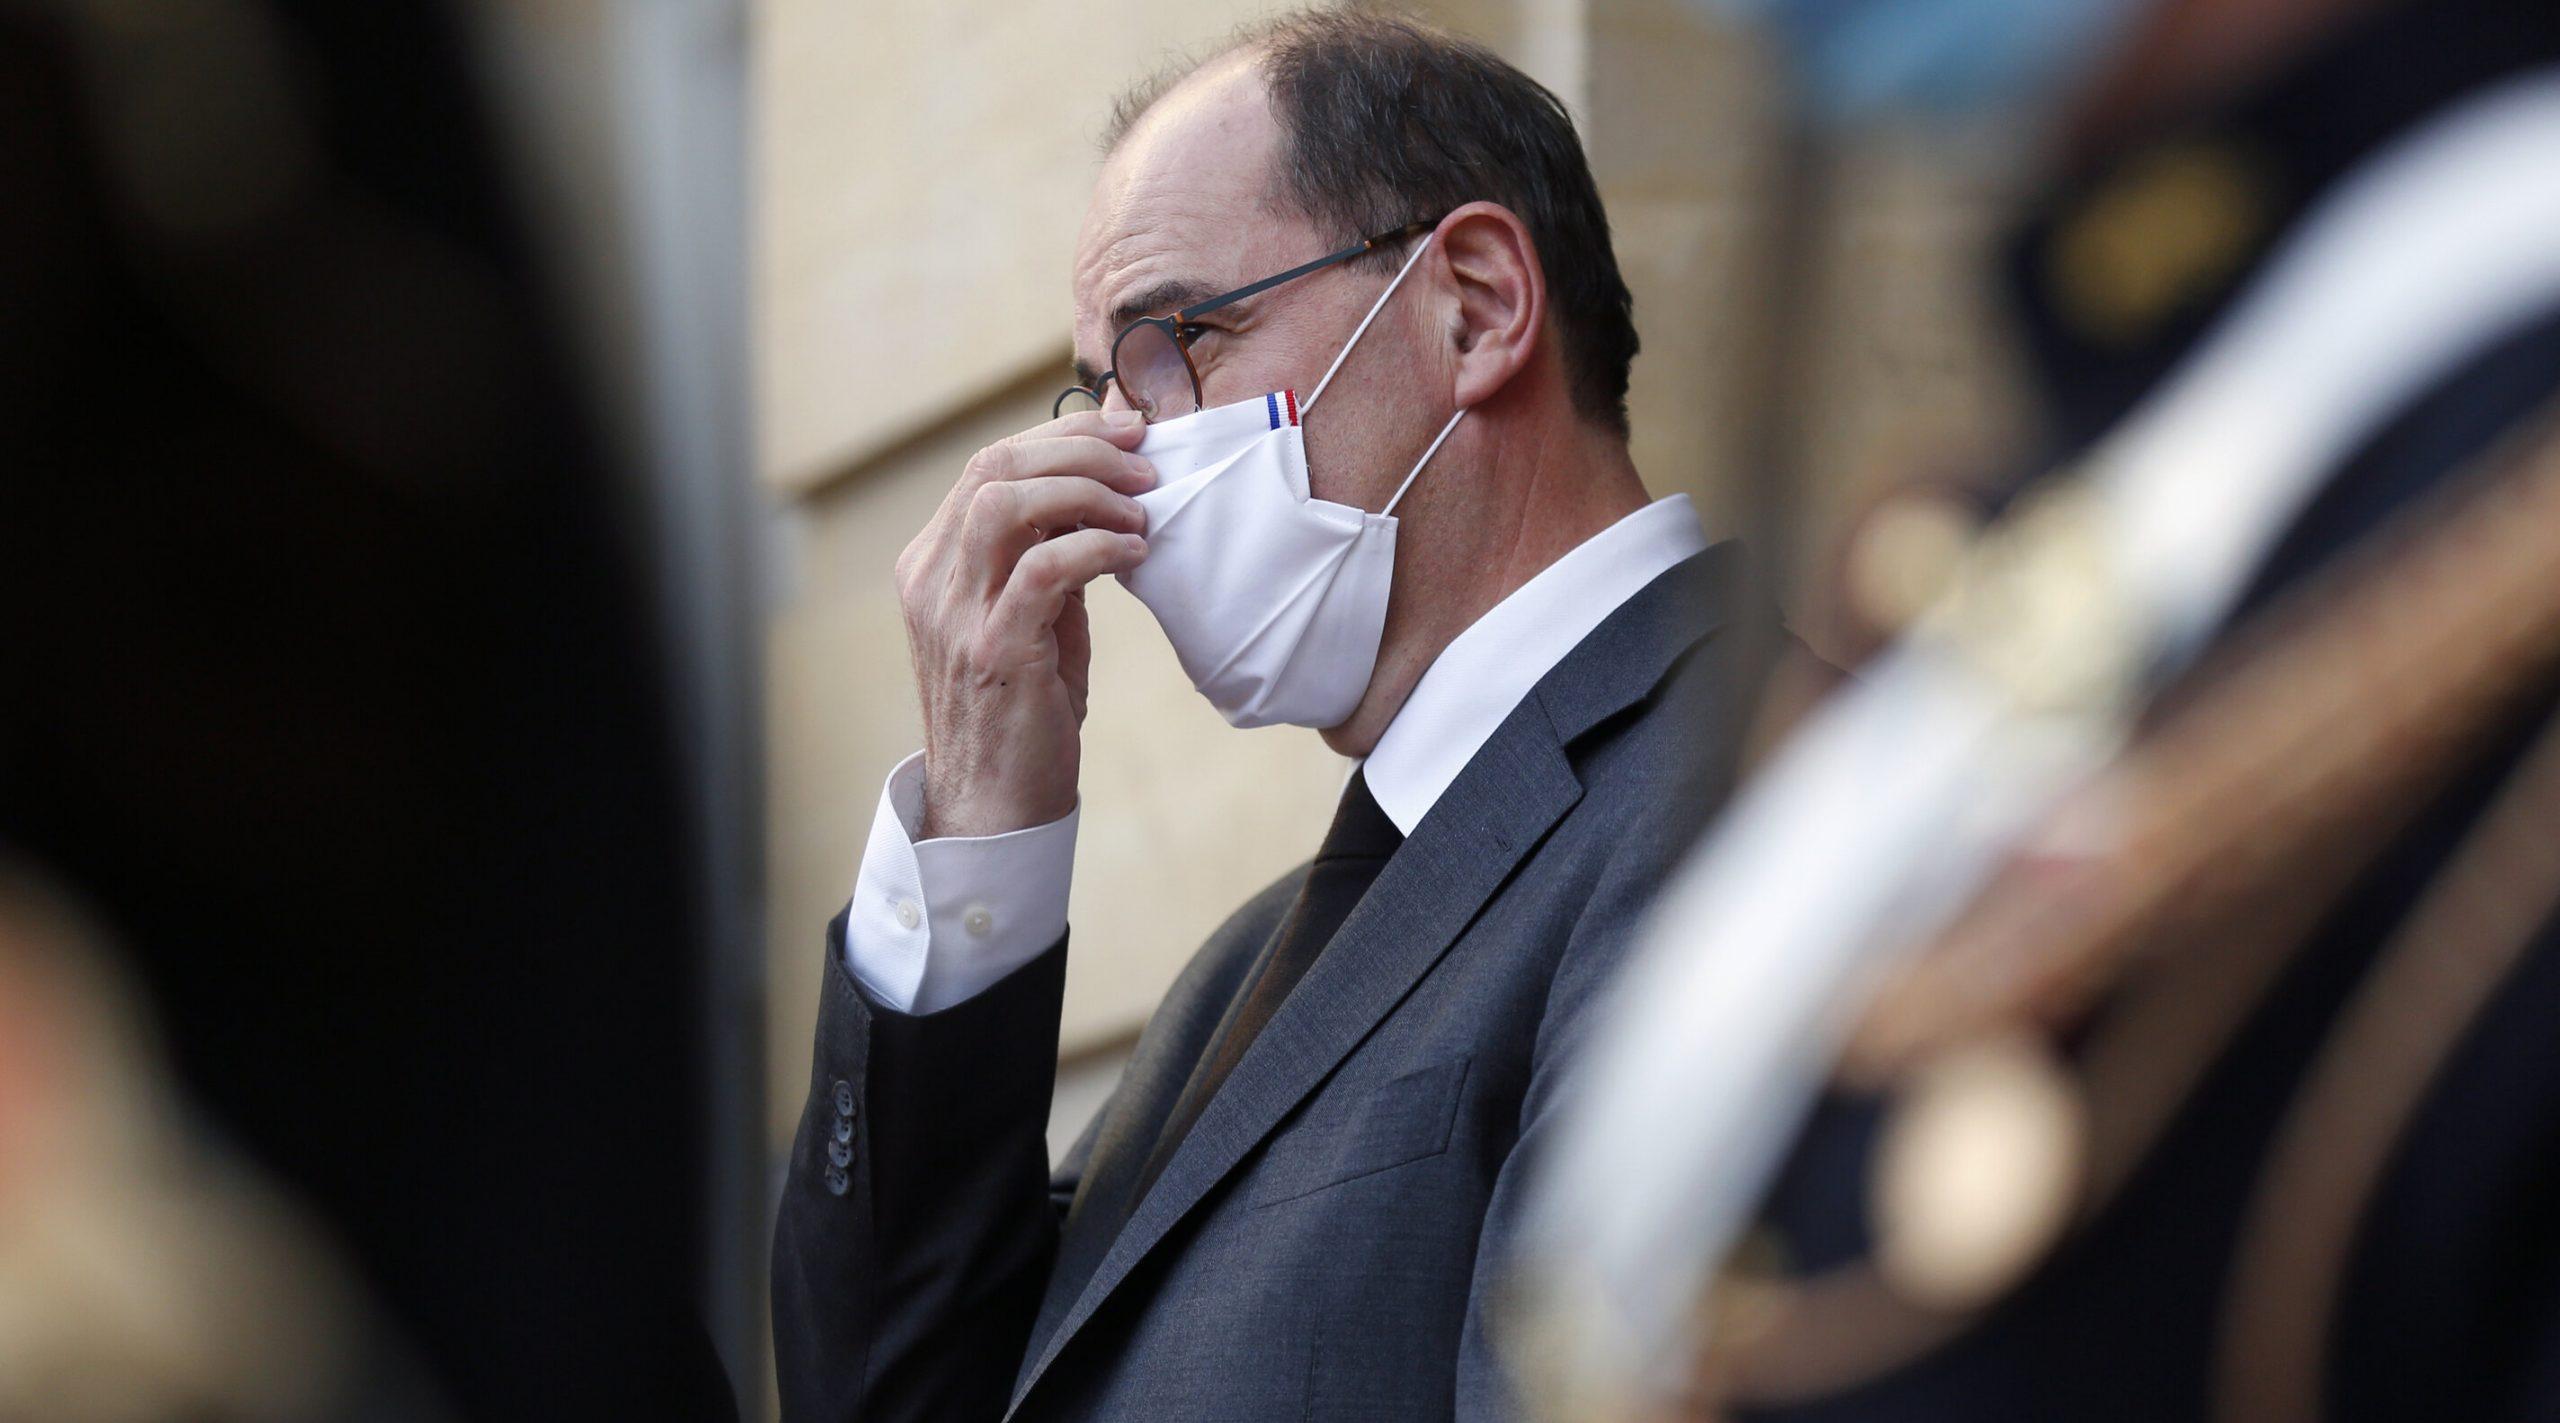 Franța  96% dintre persoanele testate pozitiv pentru Covid sunt nevaccinate, spune premierul Jean Castex